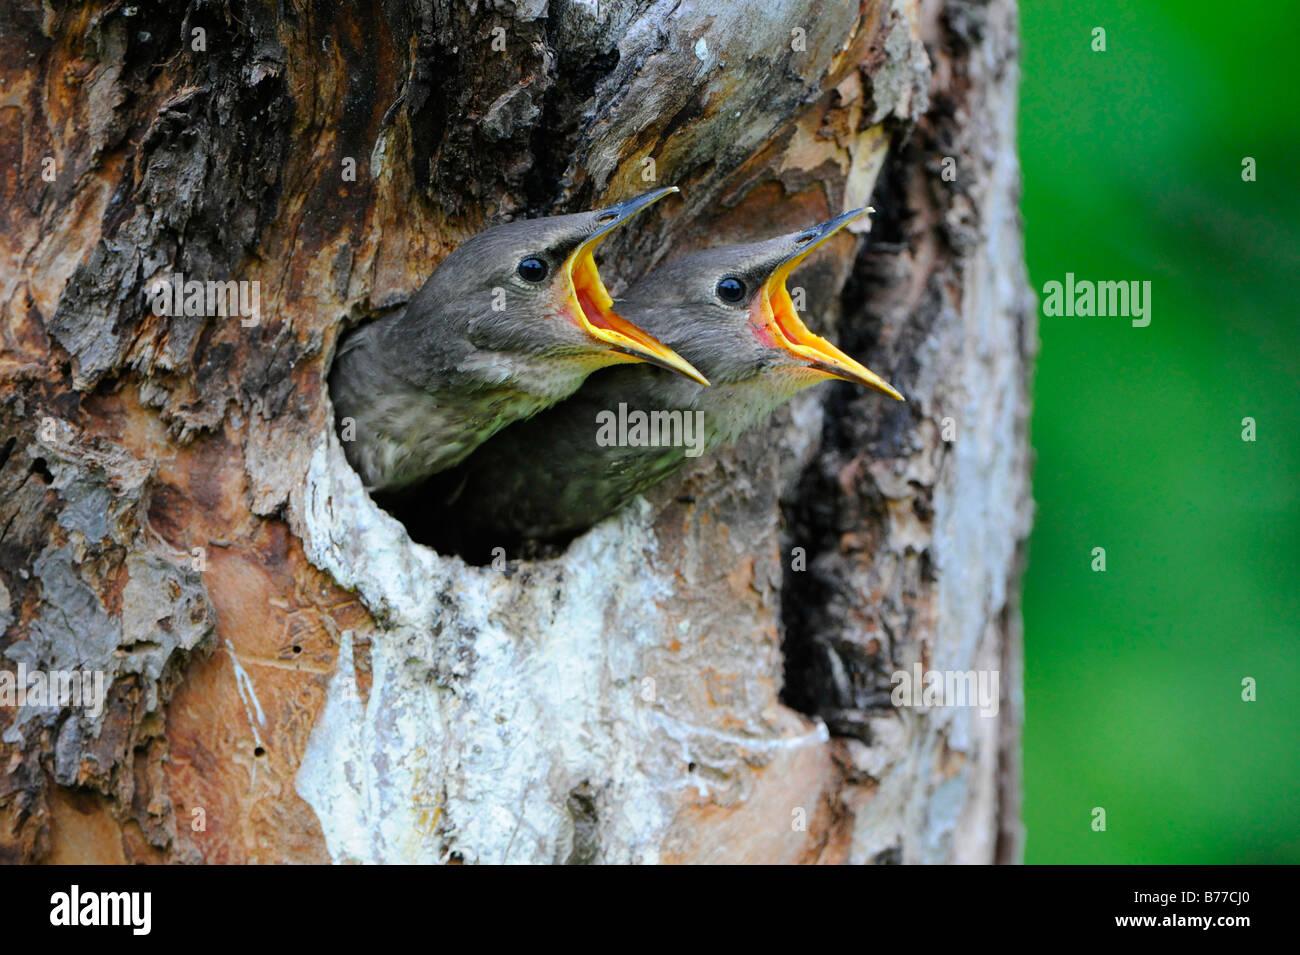 Young European Starlings (Sturnus vulgaris) - Stock Image